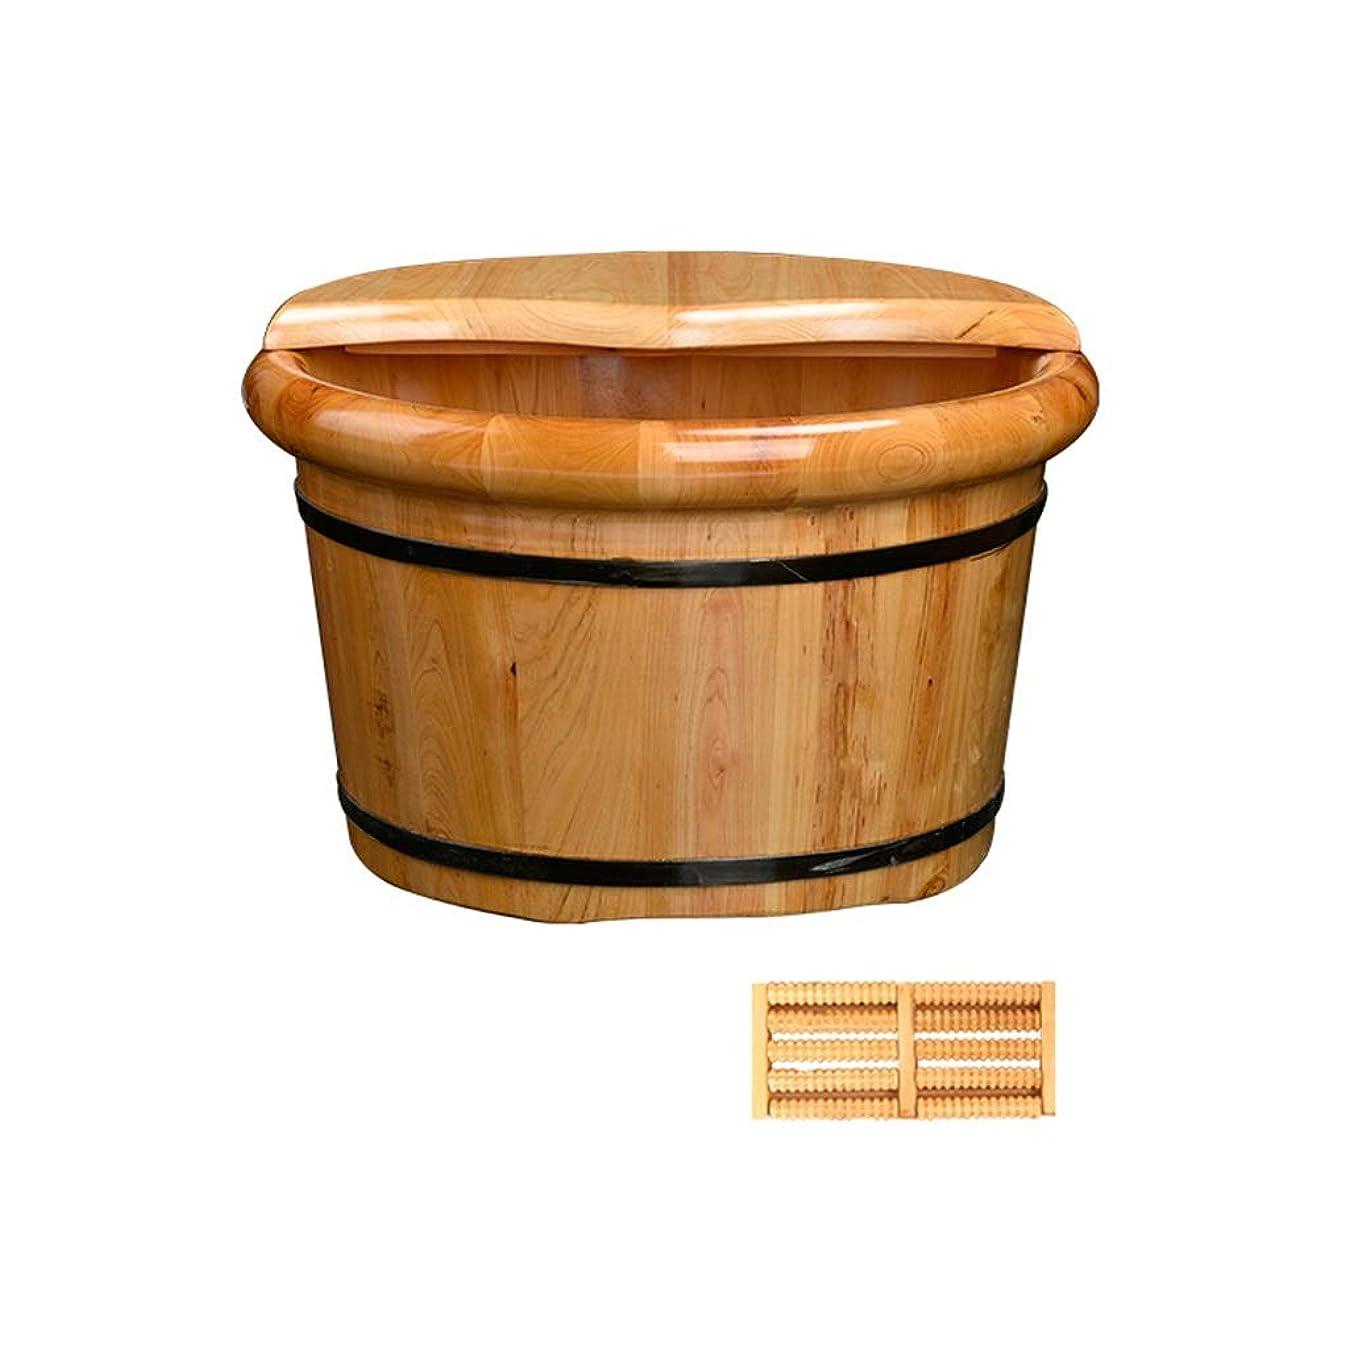 むしろペック議論するソリッドウッドフットバスバレル木製足首のフットタブを浸すのに完璧なフットマッサージベイスン (Color : B)